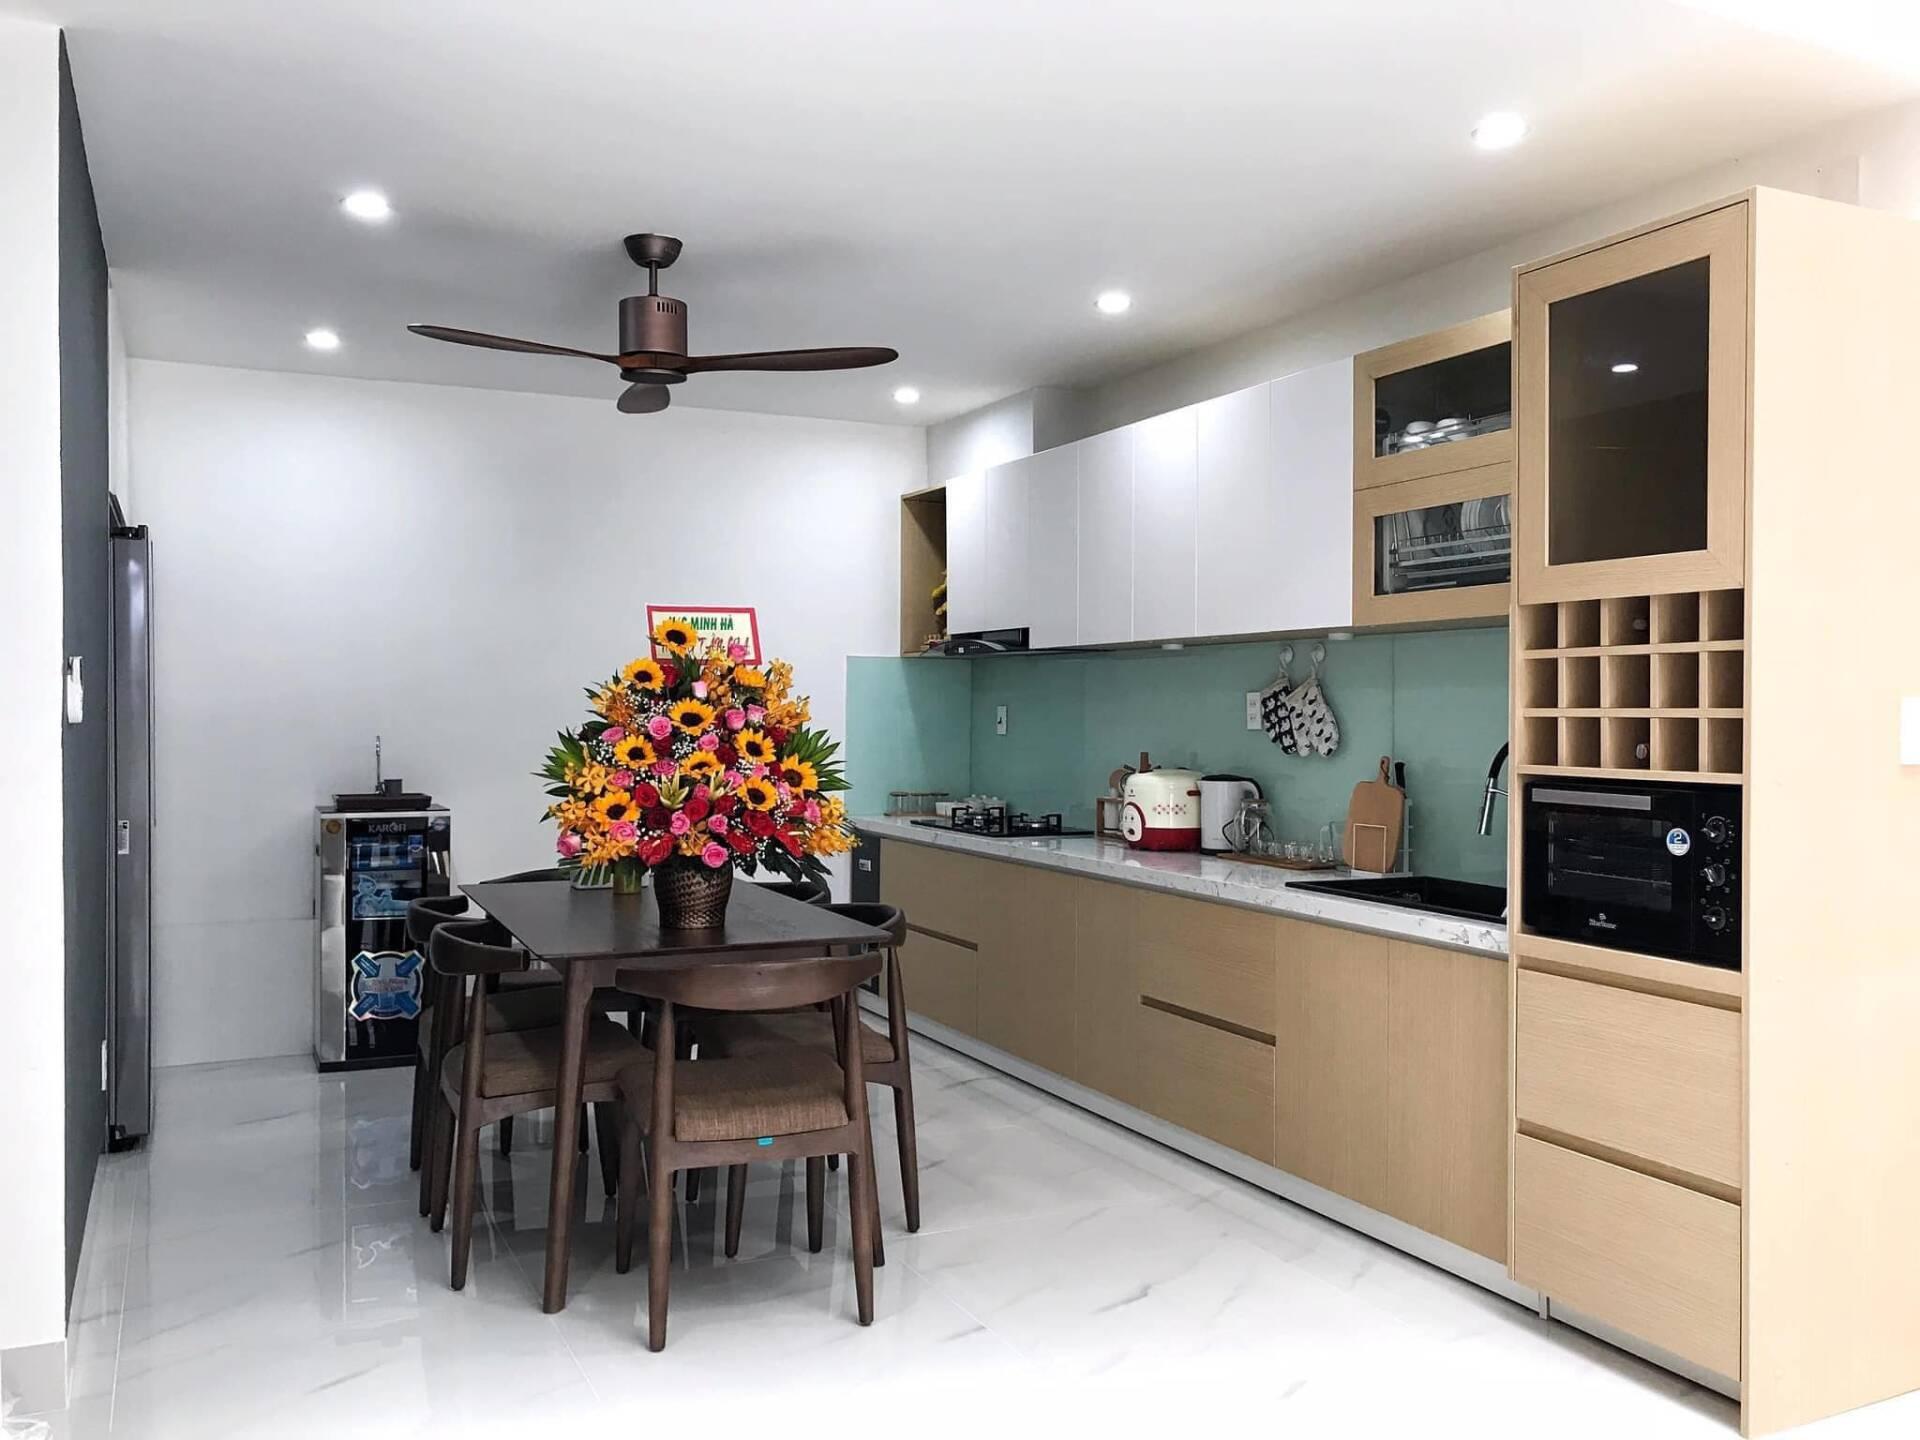 Phòng bếp và phòng ăn thoáng đãng, rộng rãi